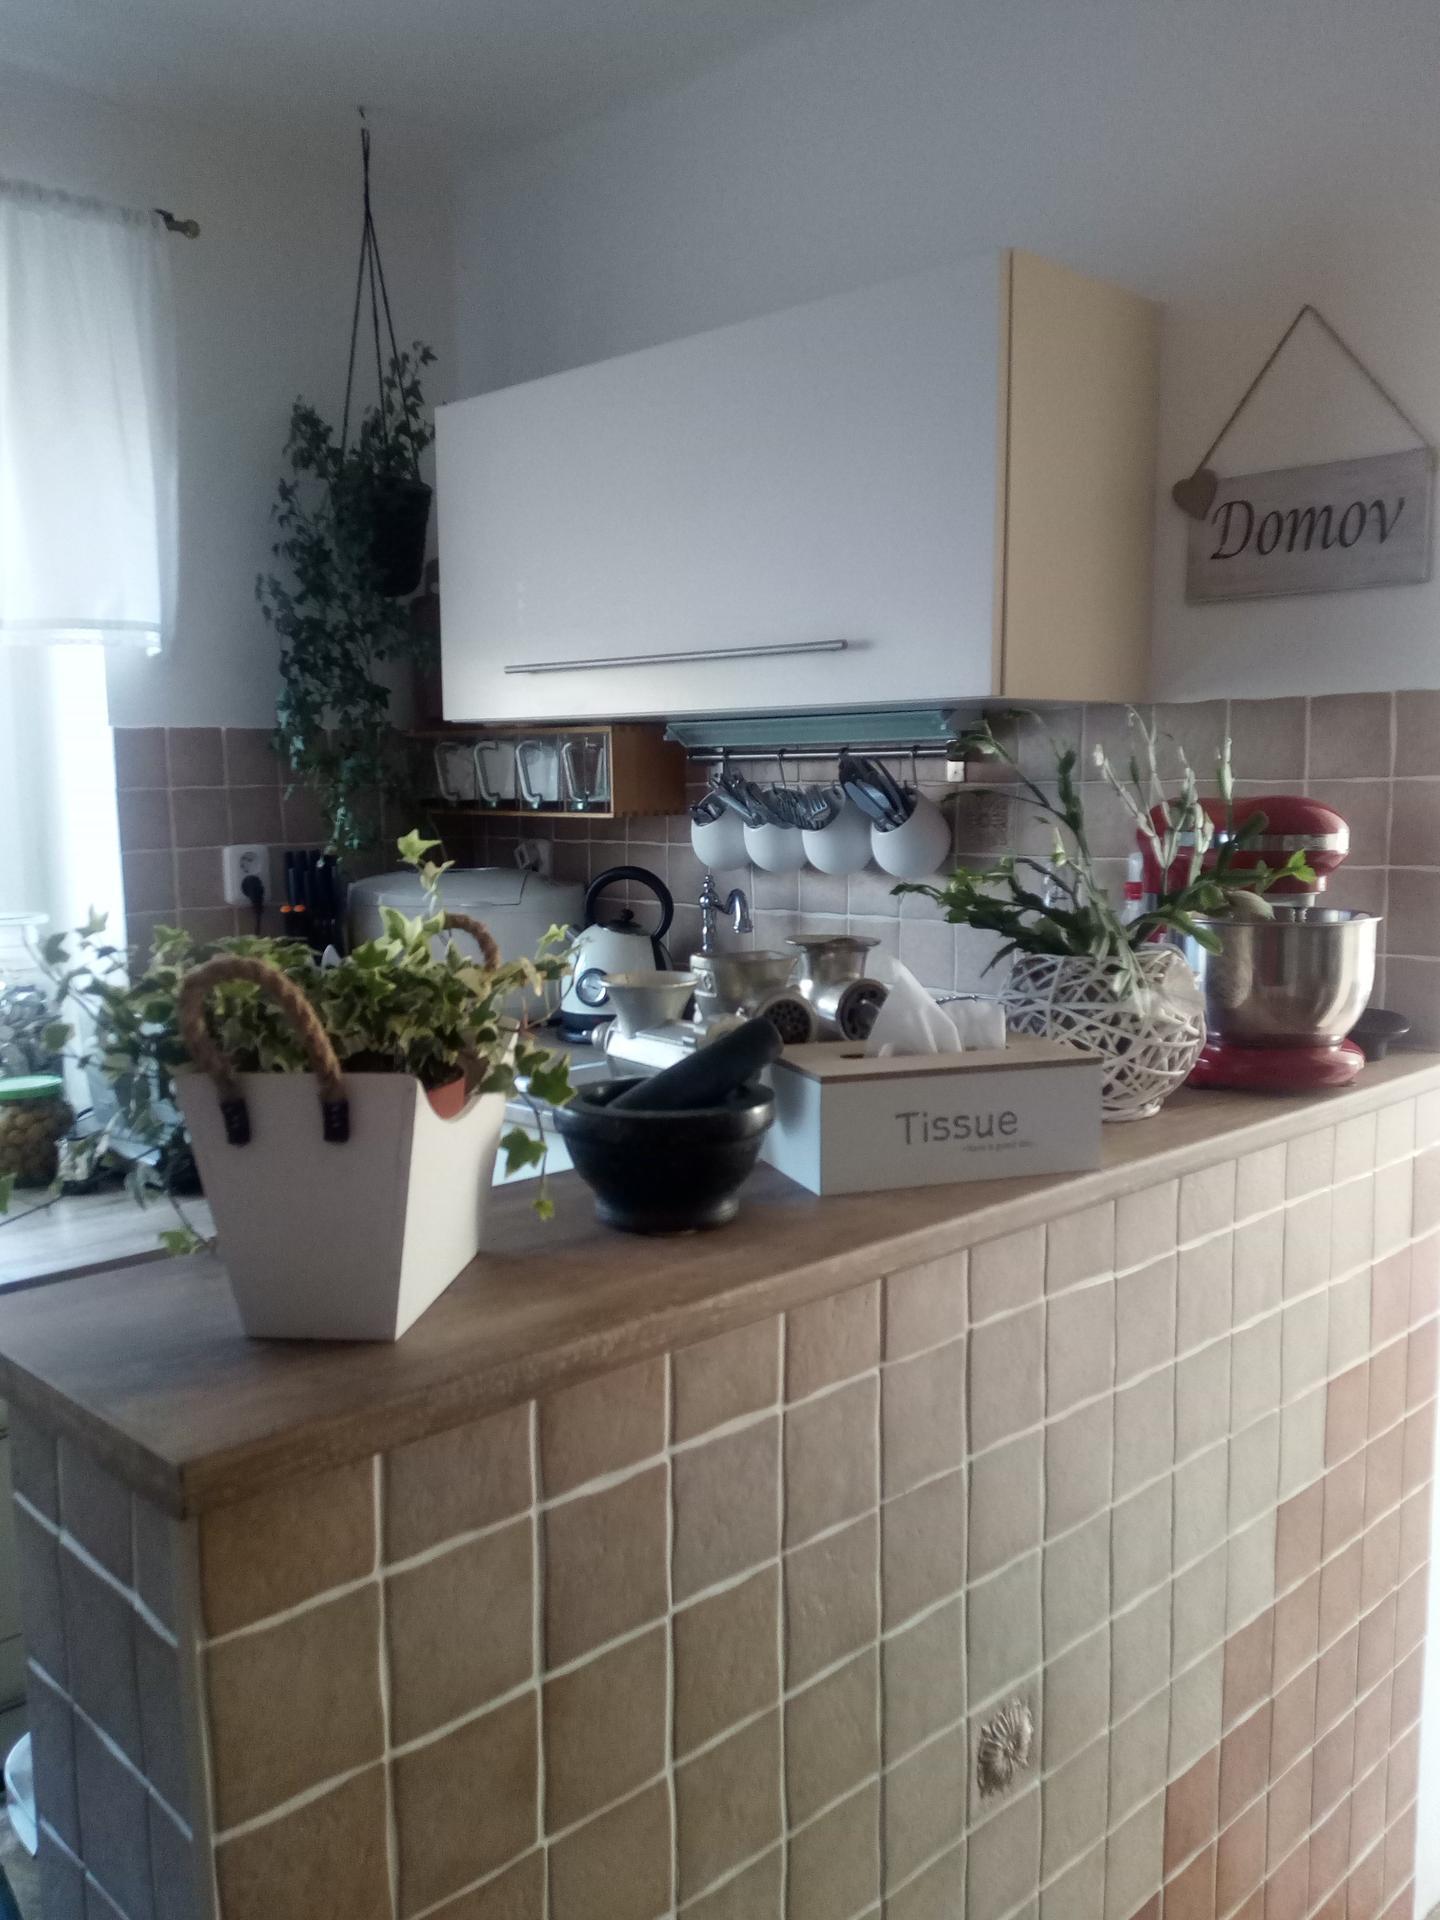 V naší kuchyni - Obrázek č. 2